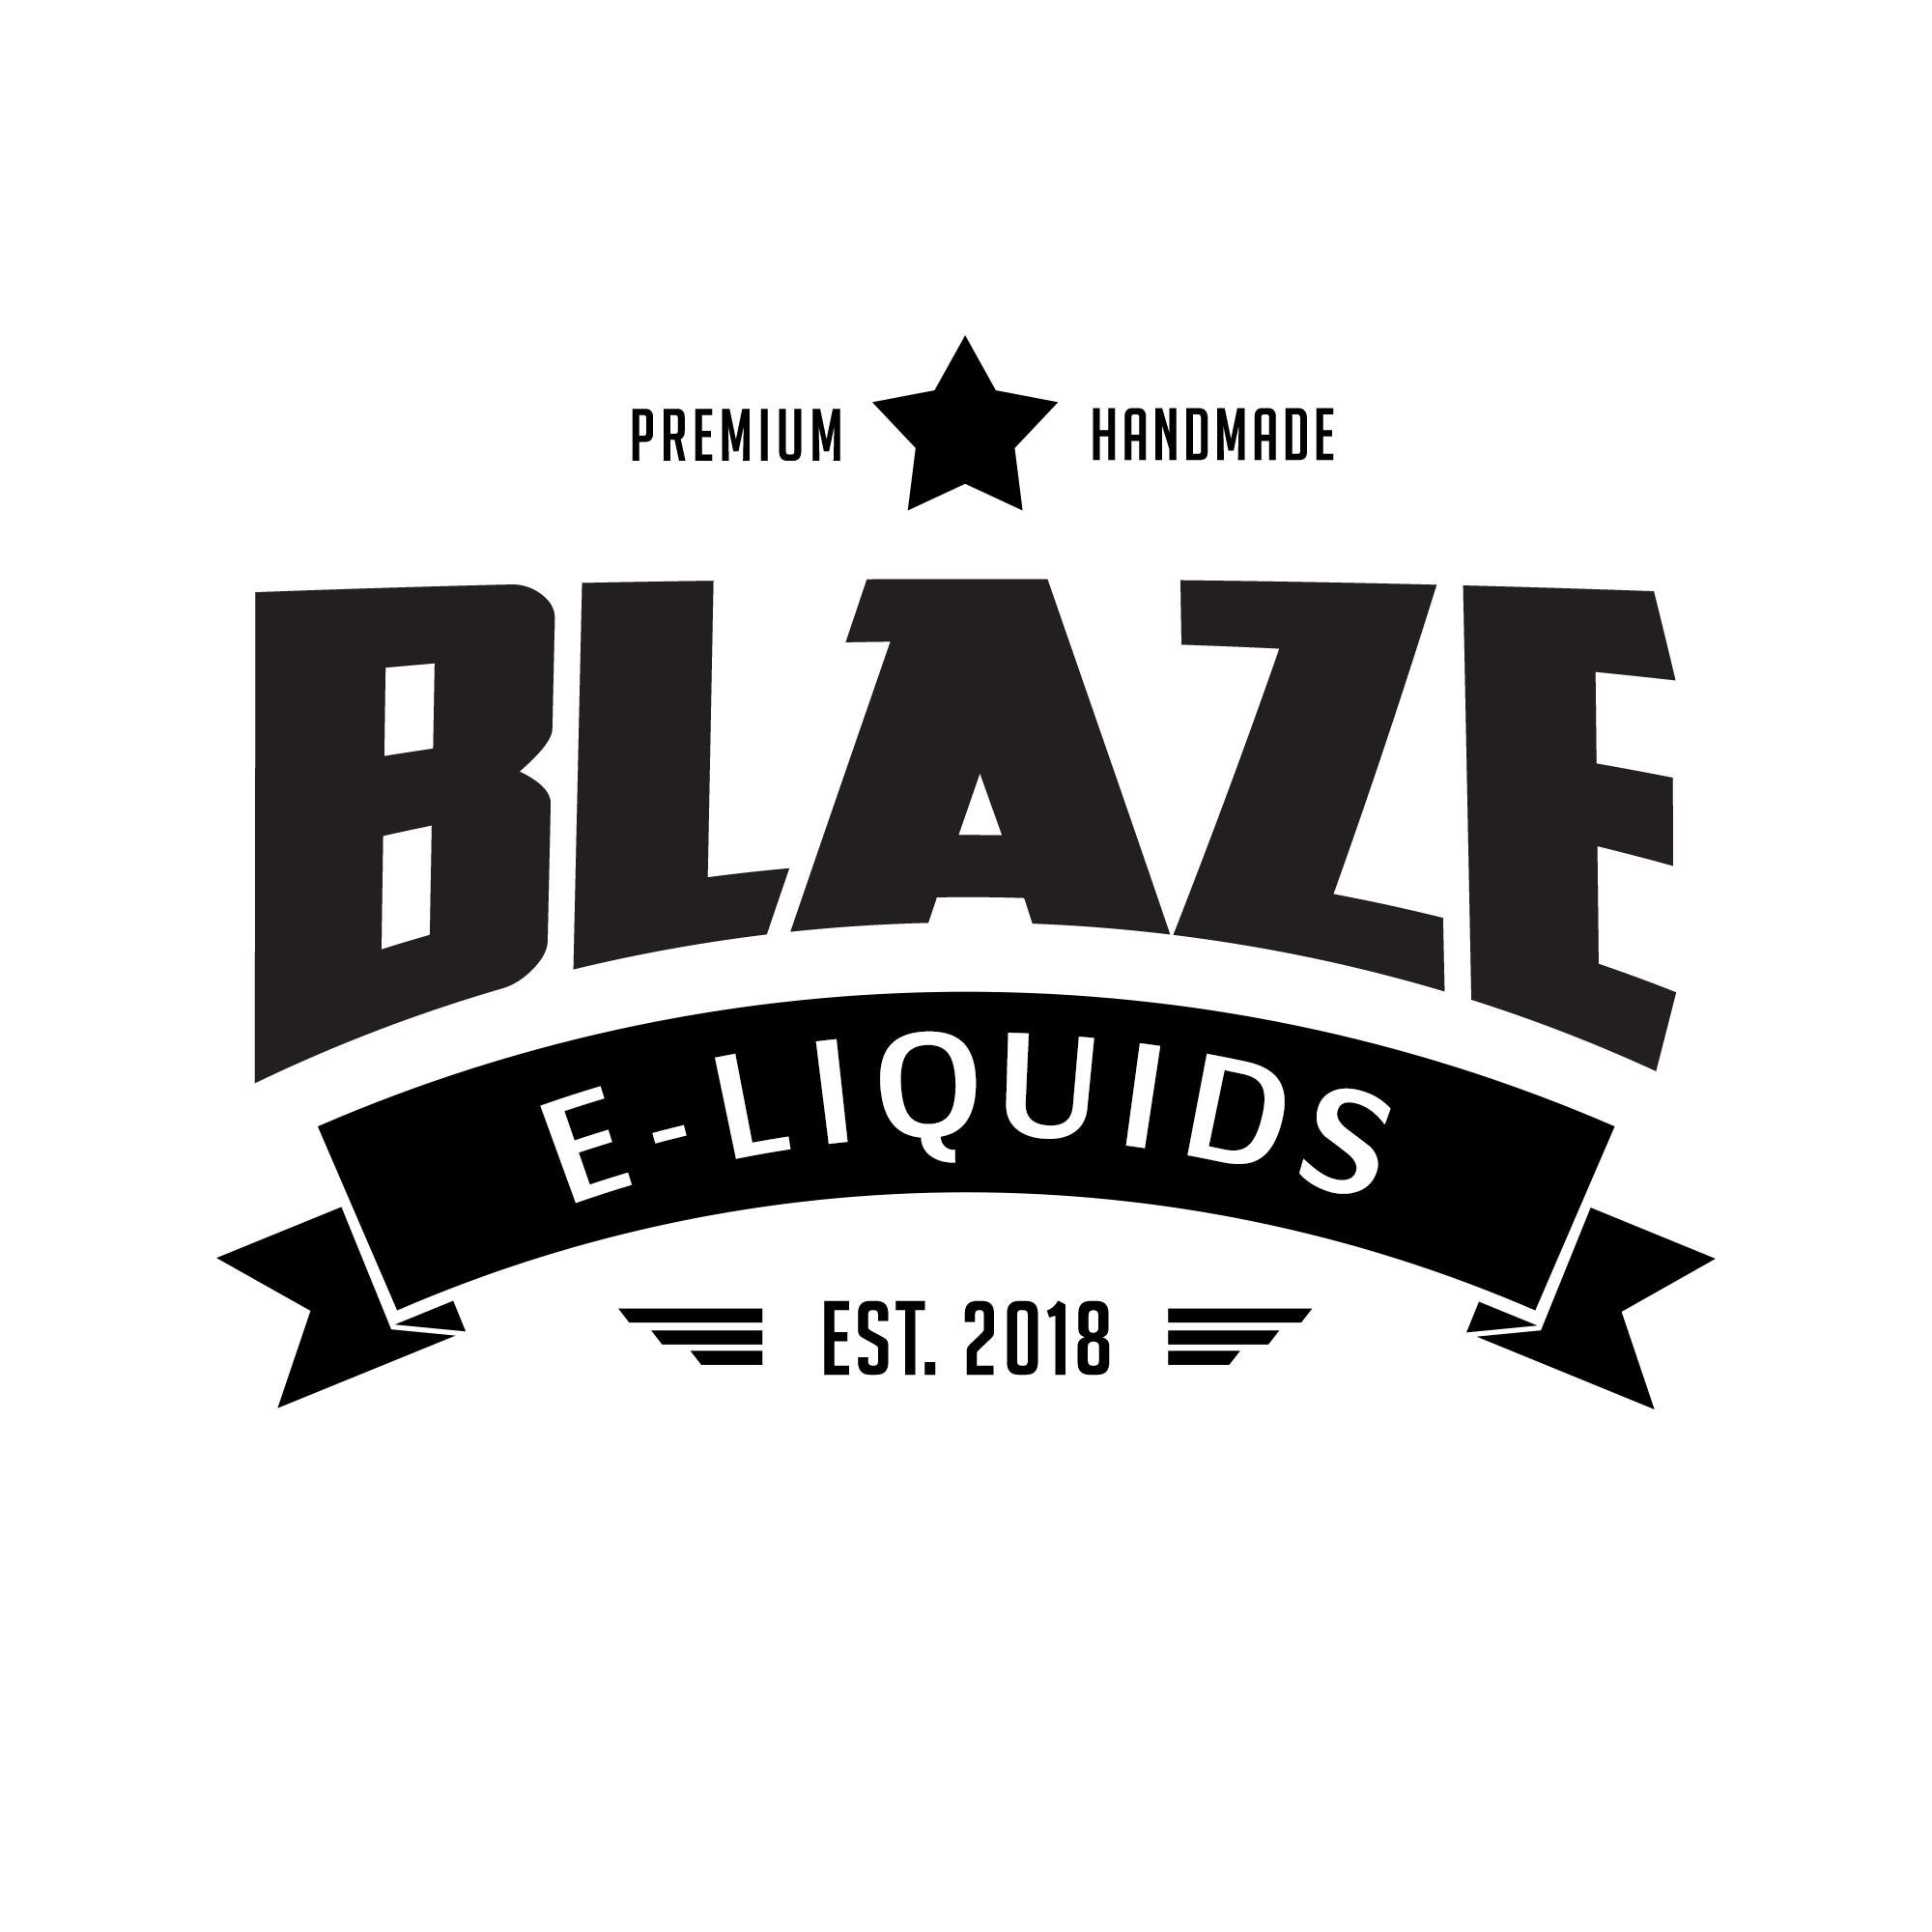 Blaze flavorshot